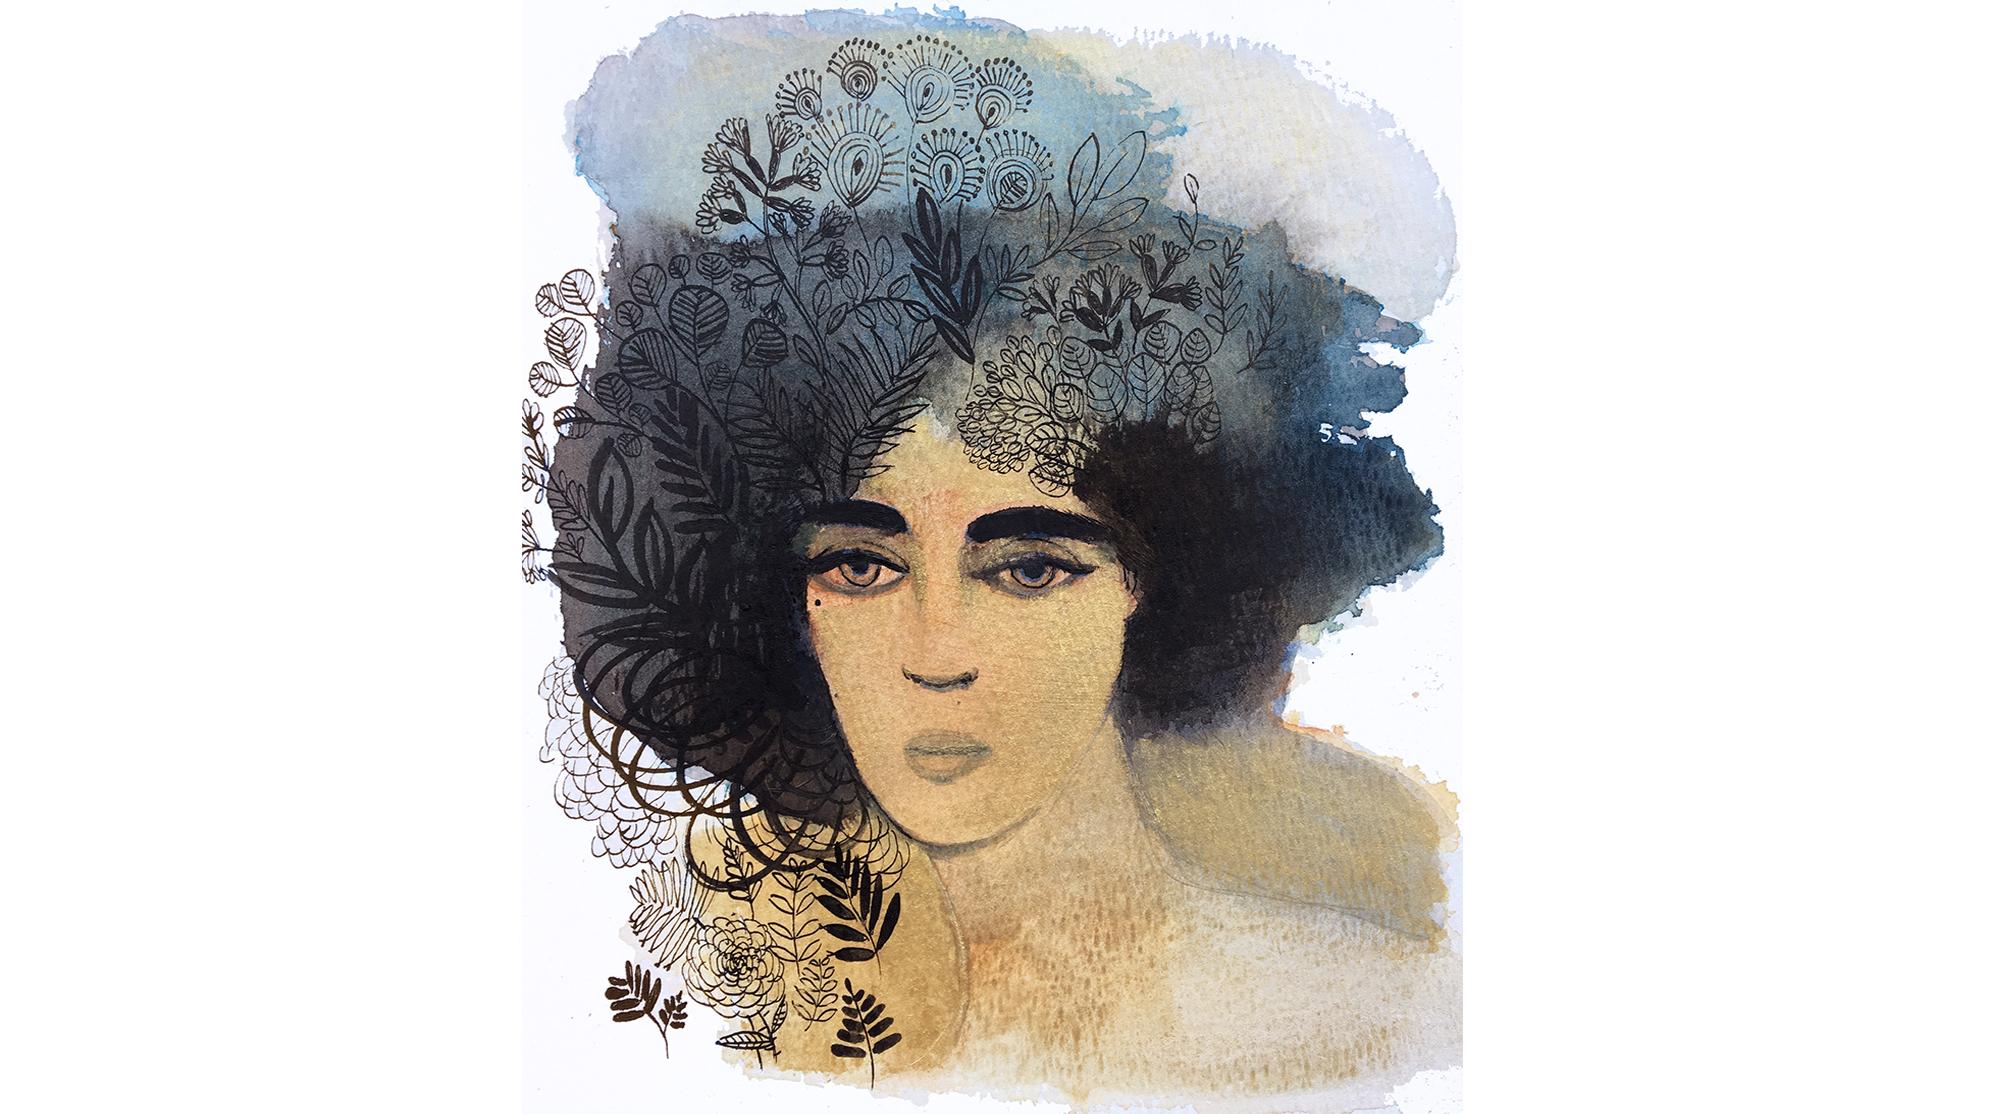 Watercolor fashion, concept, illustration